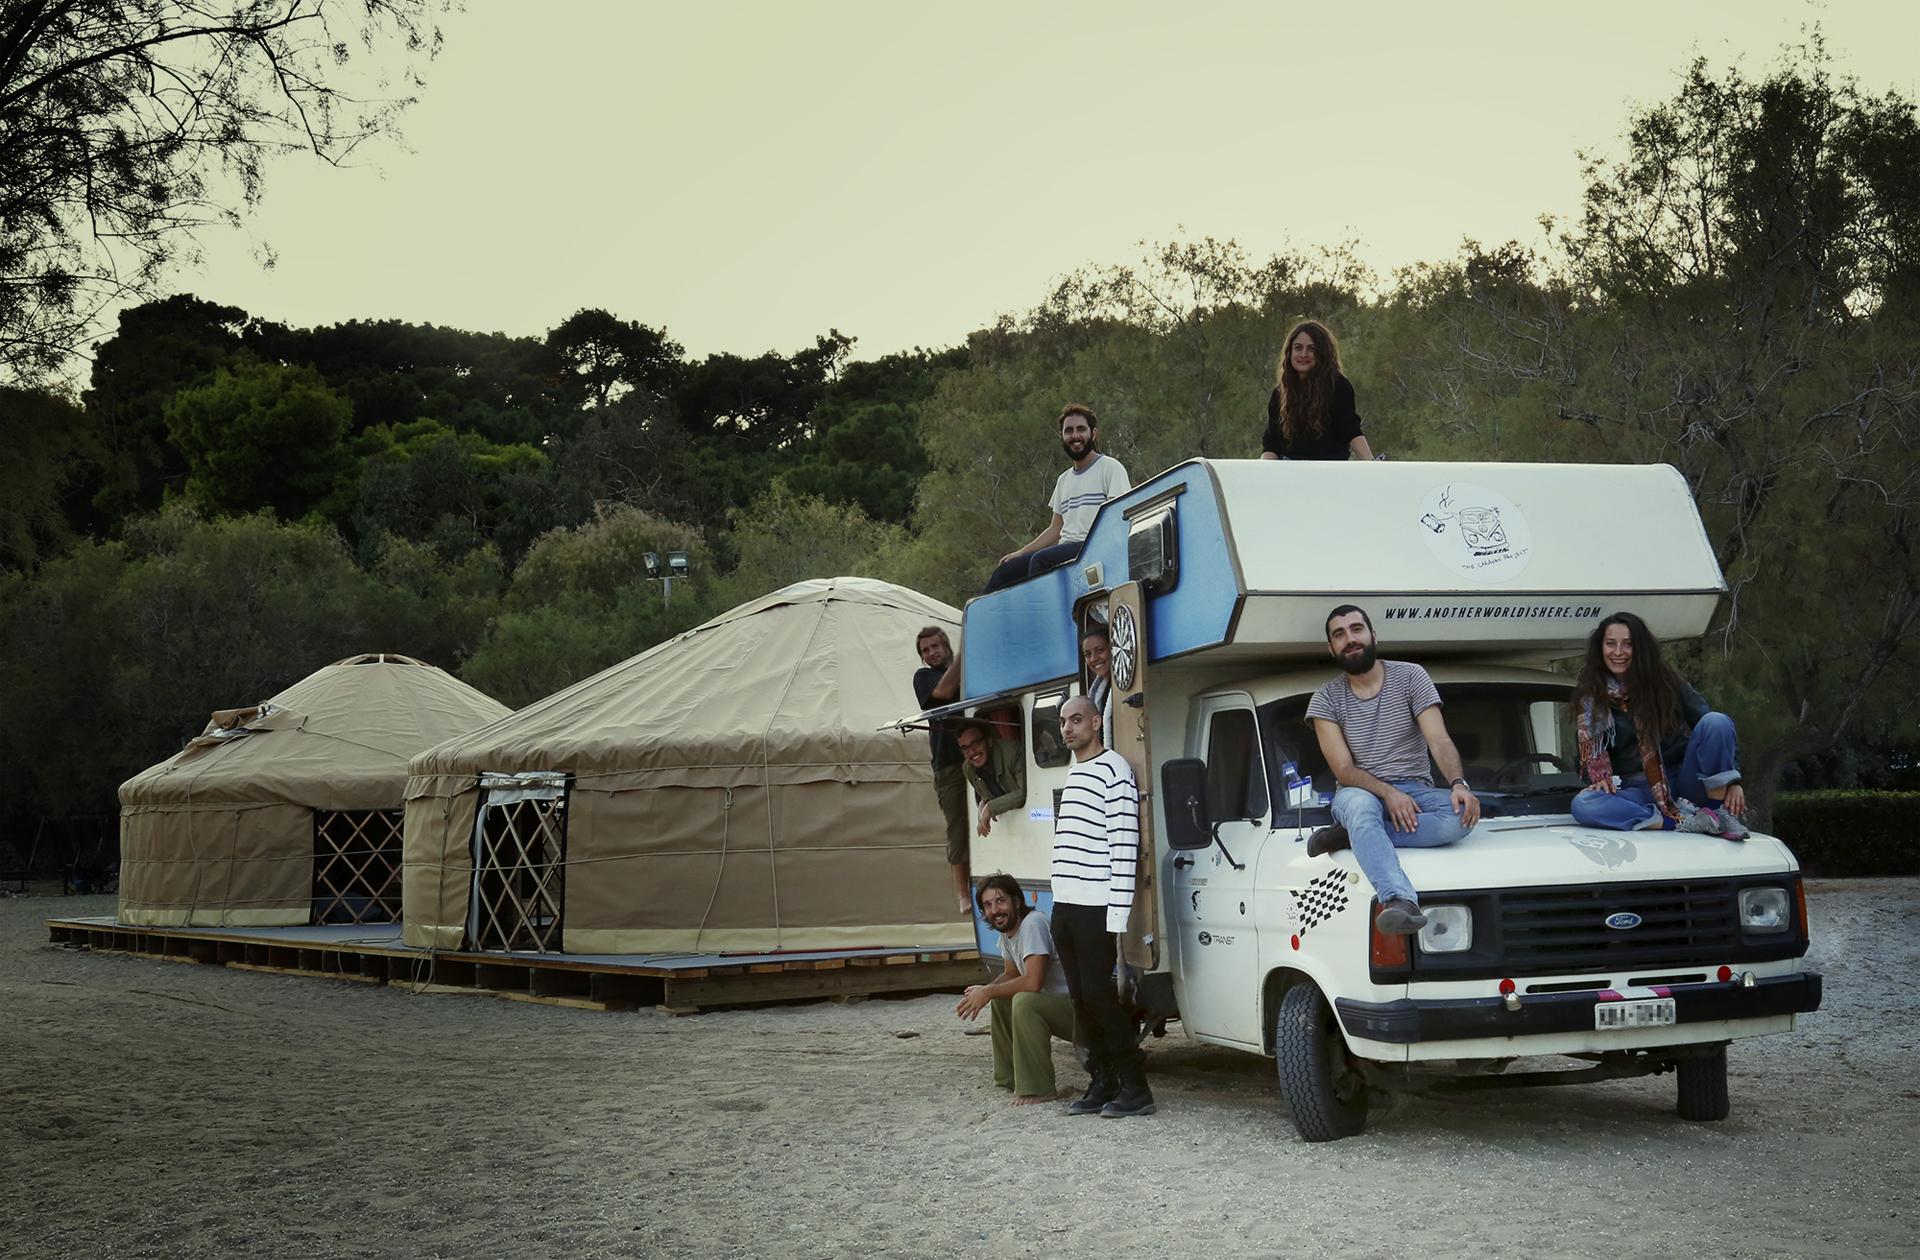 Αποτέλεσμα εικόνας για Caravan Project